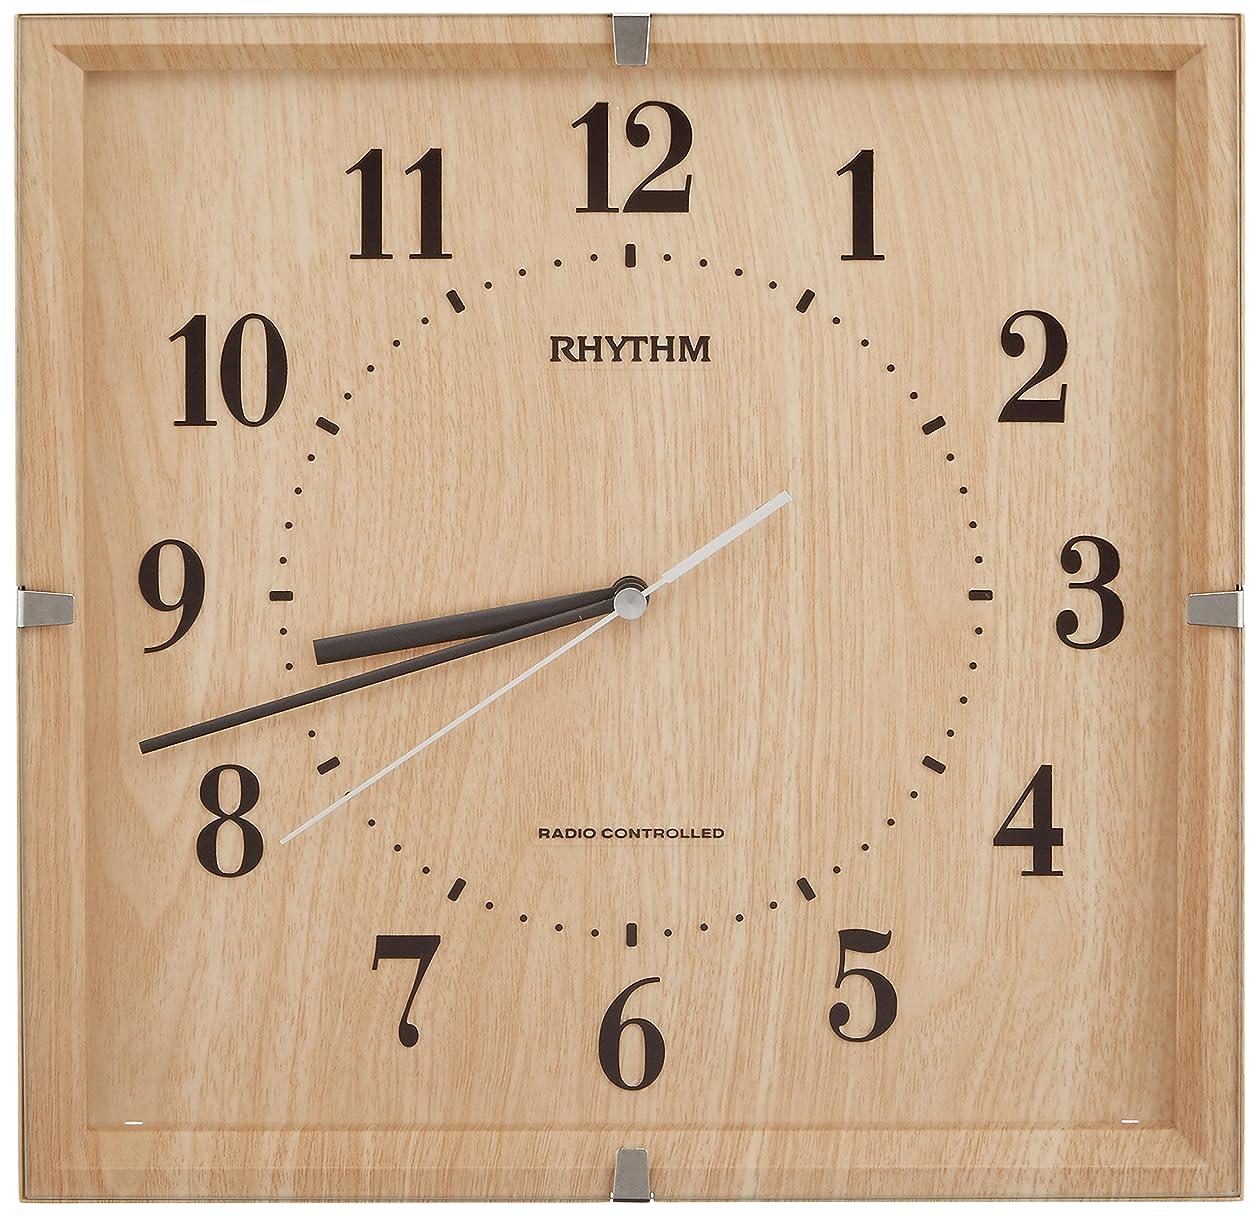 機関アボート静めるリズム時計 掛け時計 電波 アナログ ライブリーエミリ 連続秒針 インテリア モデル 茶 (薄茶木目仕上げ) RHYTHM 8MY502SR07